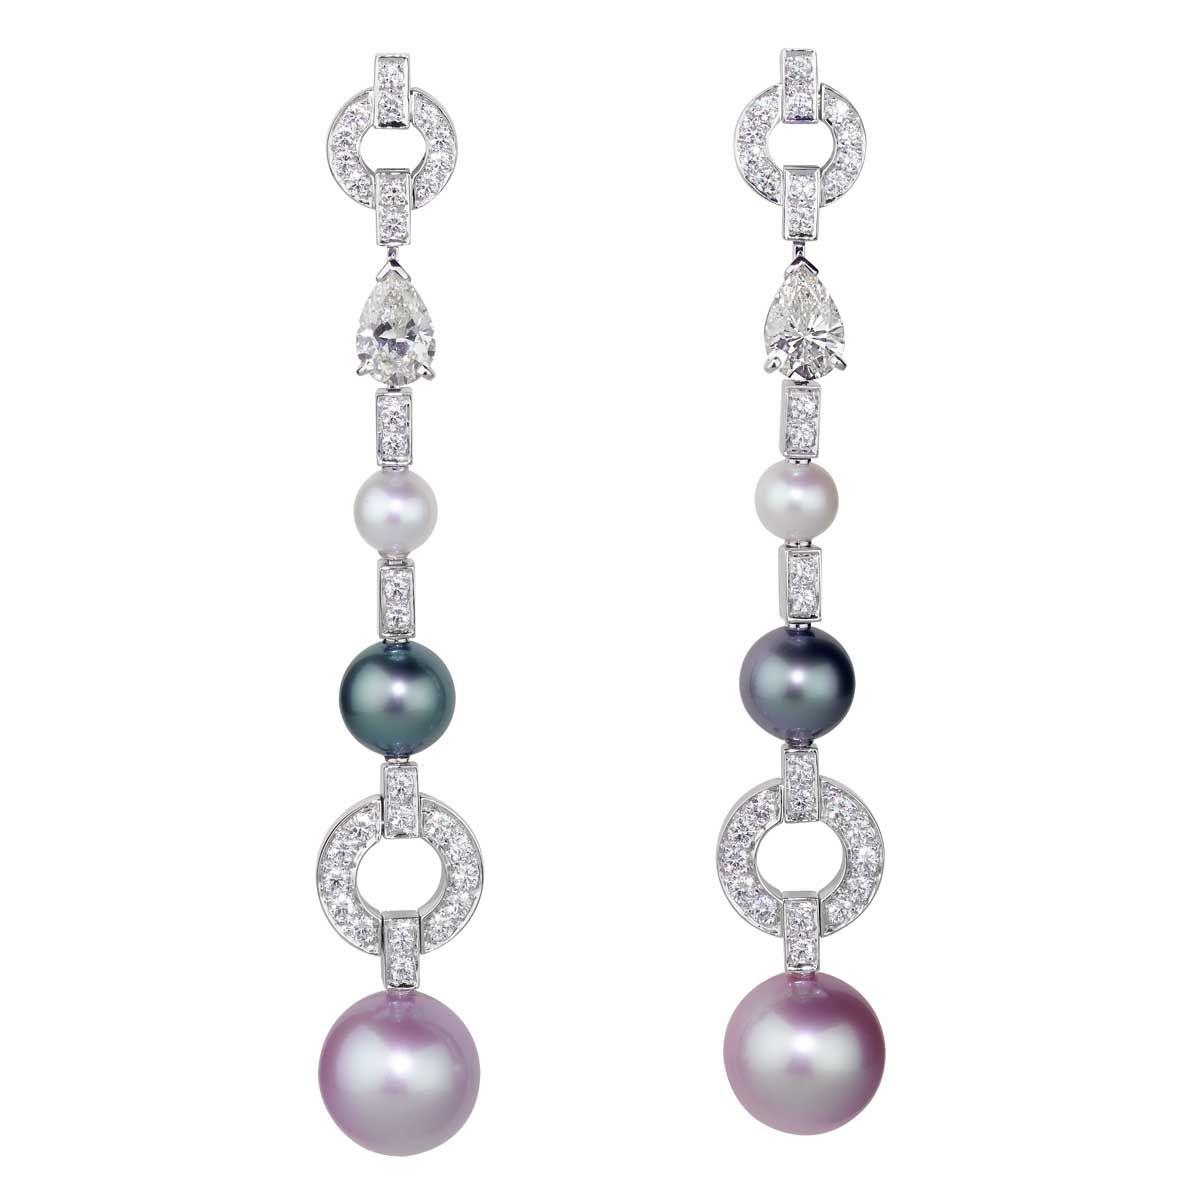 CIJ International Jewellery TRENDS & COLOURS - Earrings by Cartier